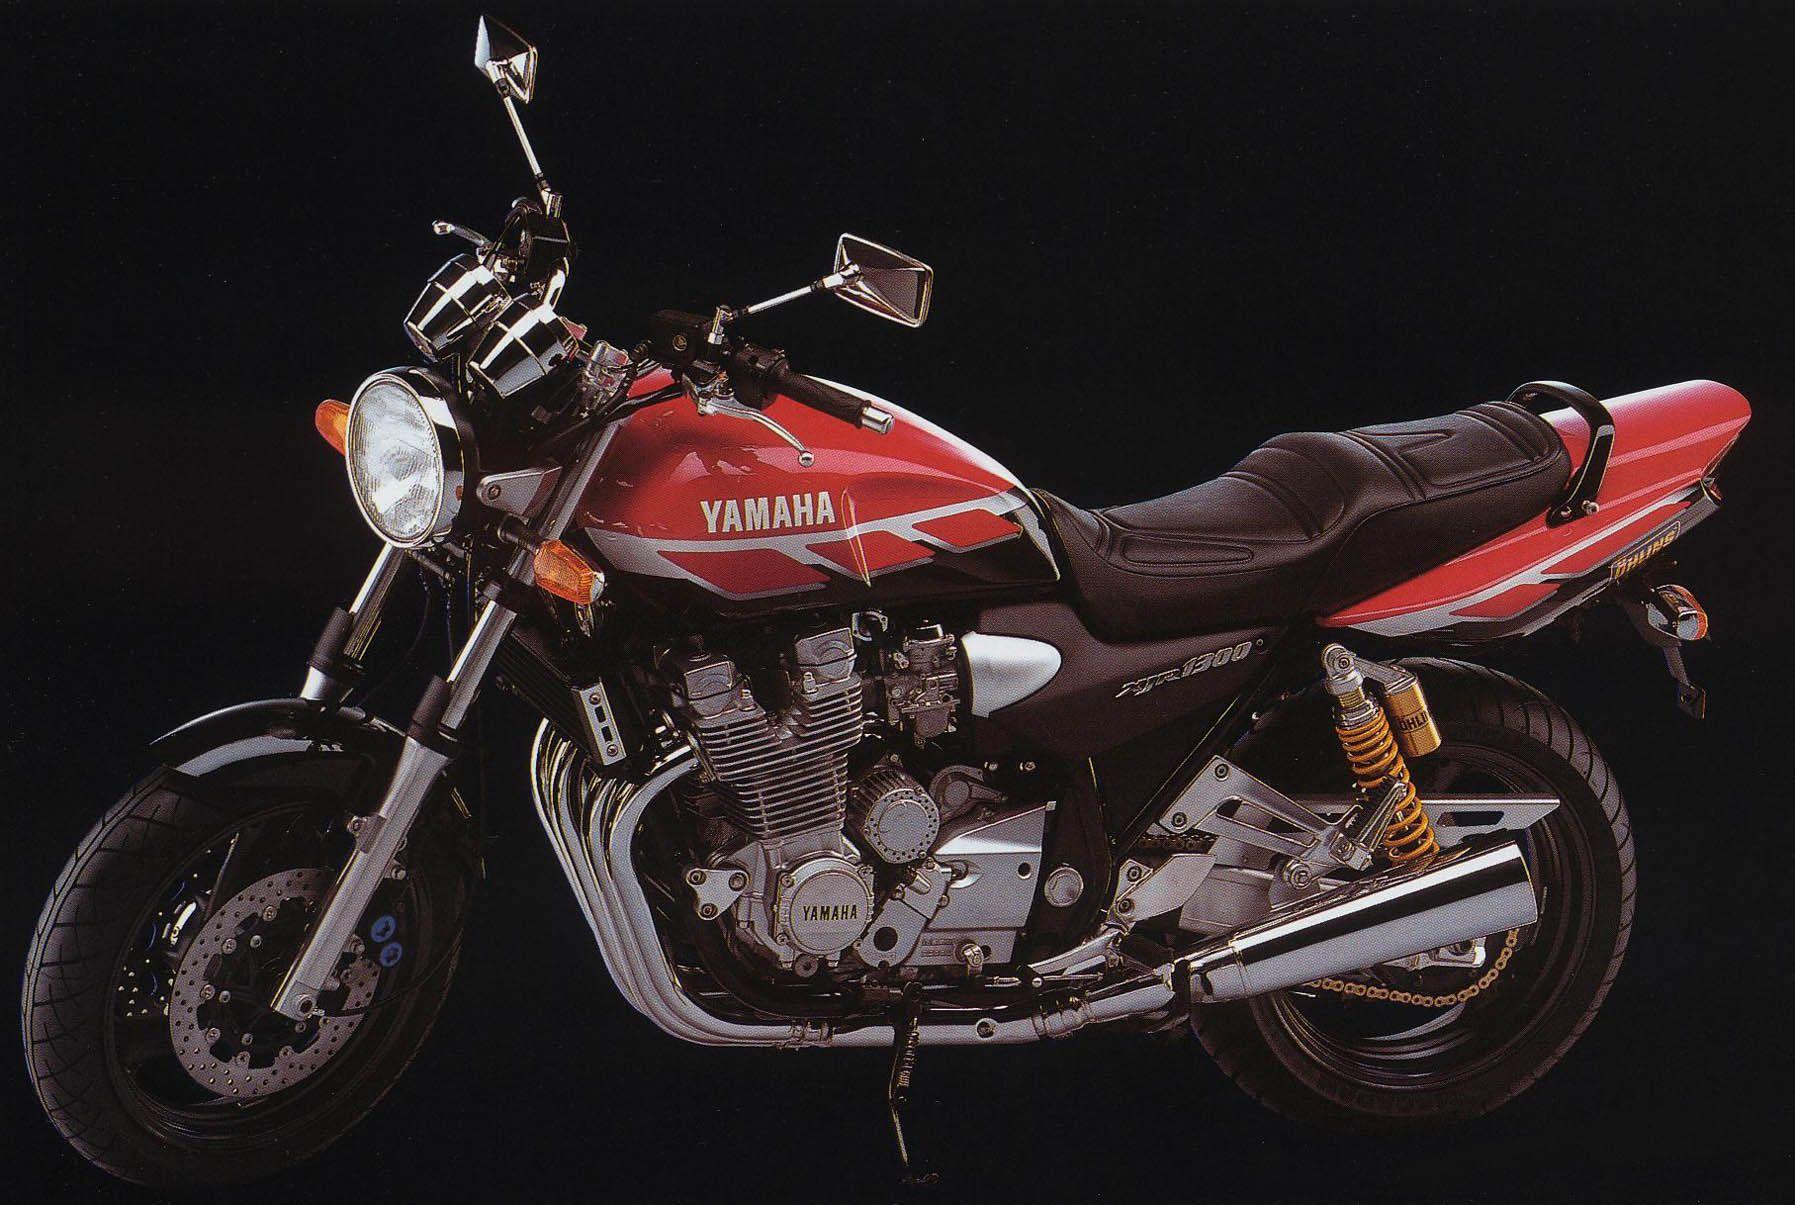 Xjr 1300 Wallpaper 06 Motorbikes Yamaha Motorcycle